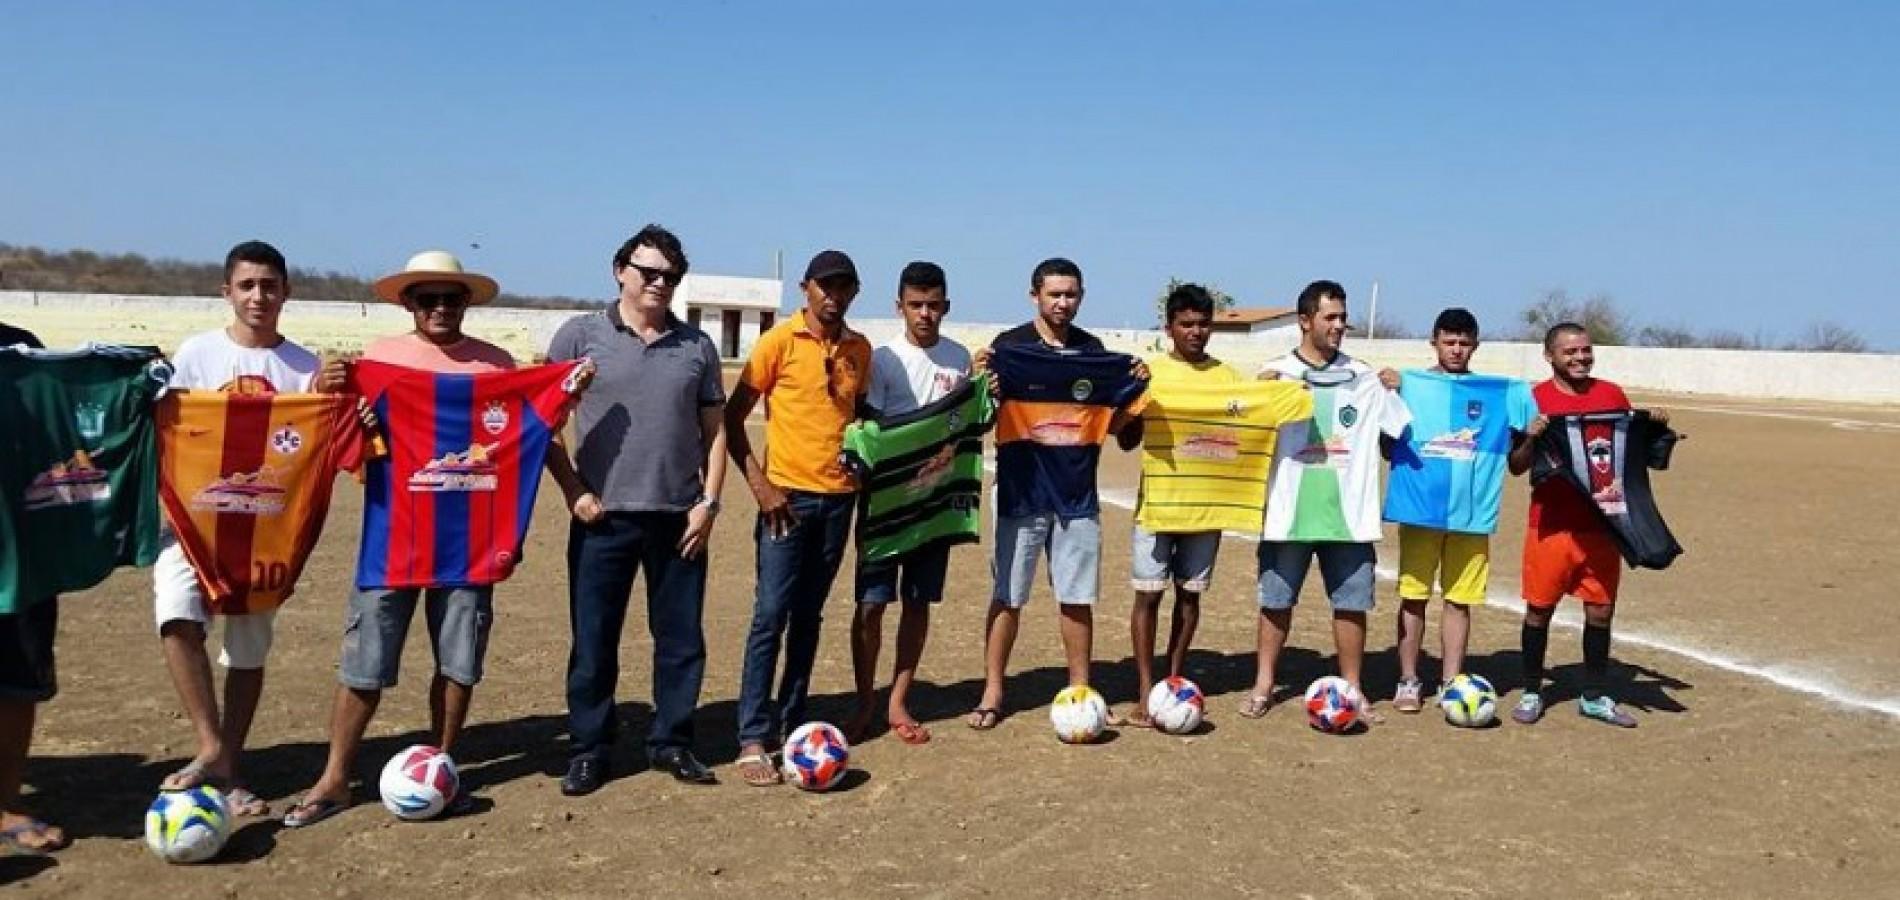 8d3b7dba1408a Prefeitura entrega materiais esportivos para dez equipes de futebol durante  torneio em Jacobina do Piauí